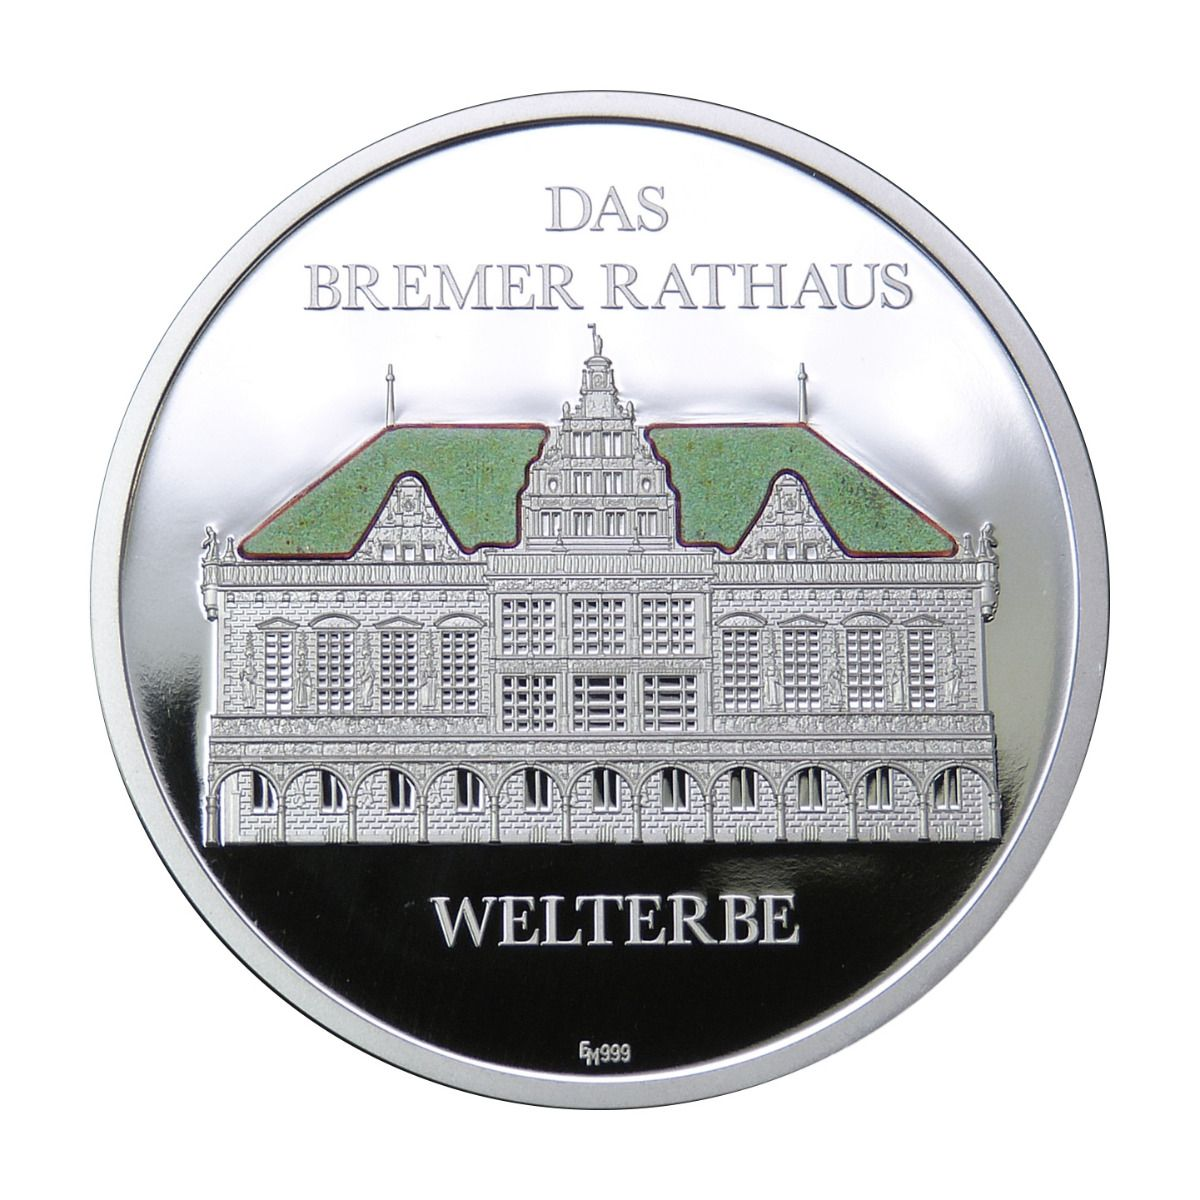 Sammelmedaille-Bremer-Rathaus-Welterbe-original-Rathaus-Dachschindel